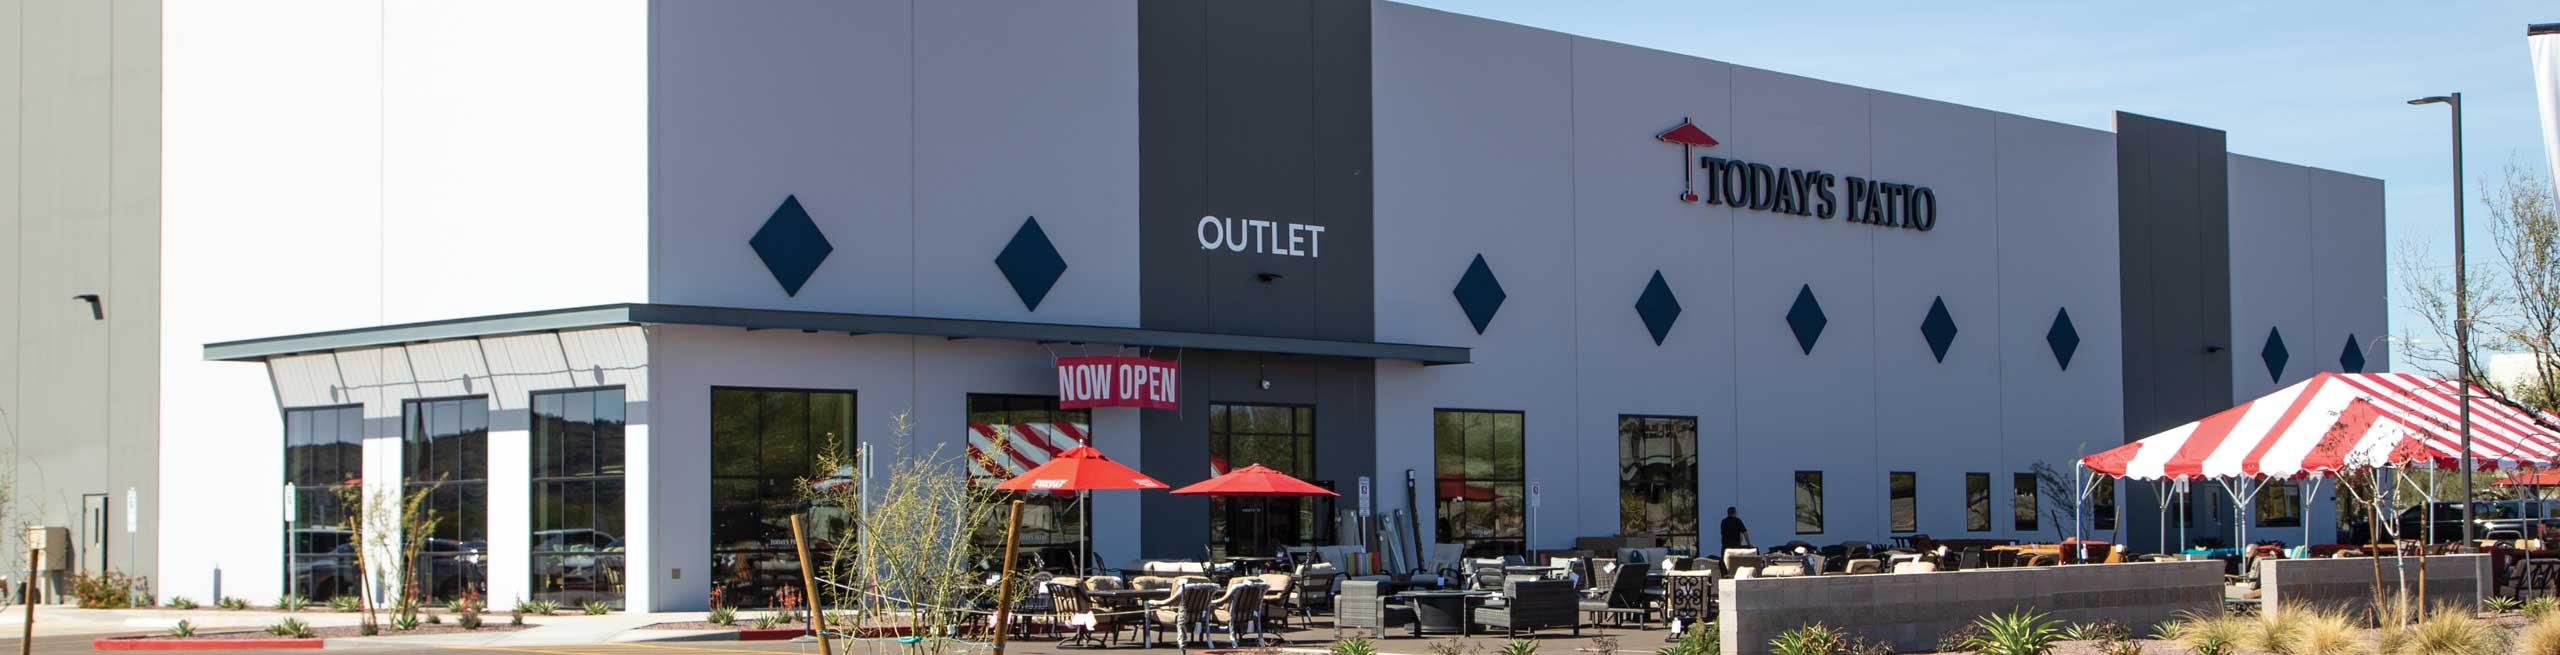 Lp Outlet Center